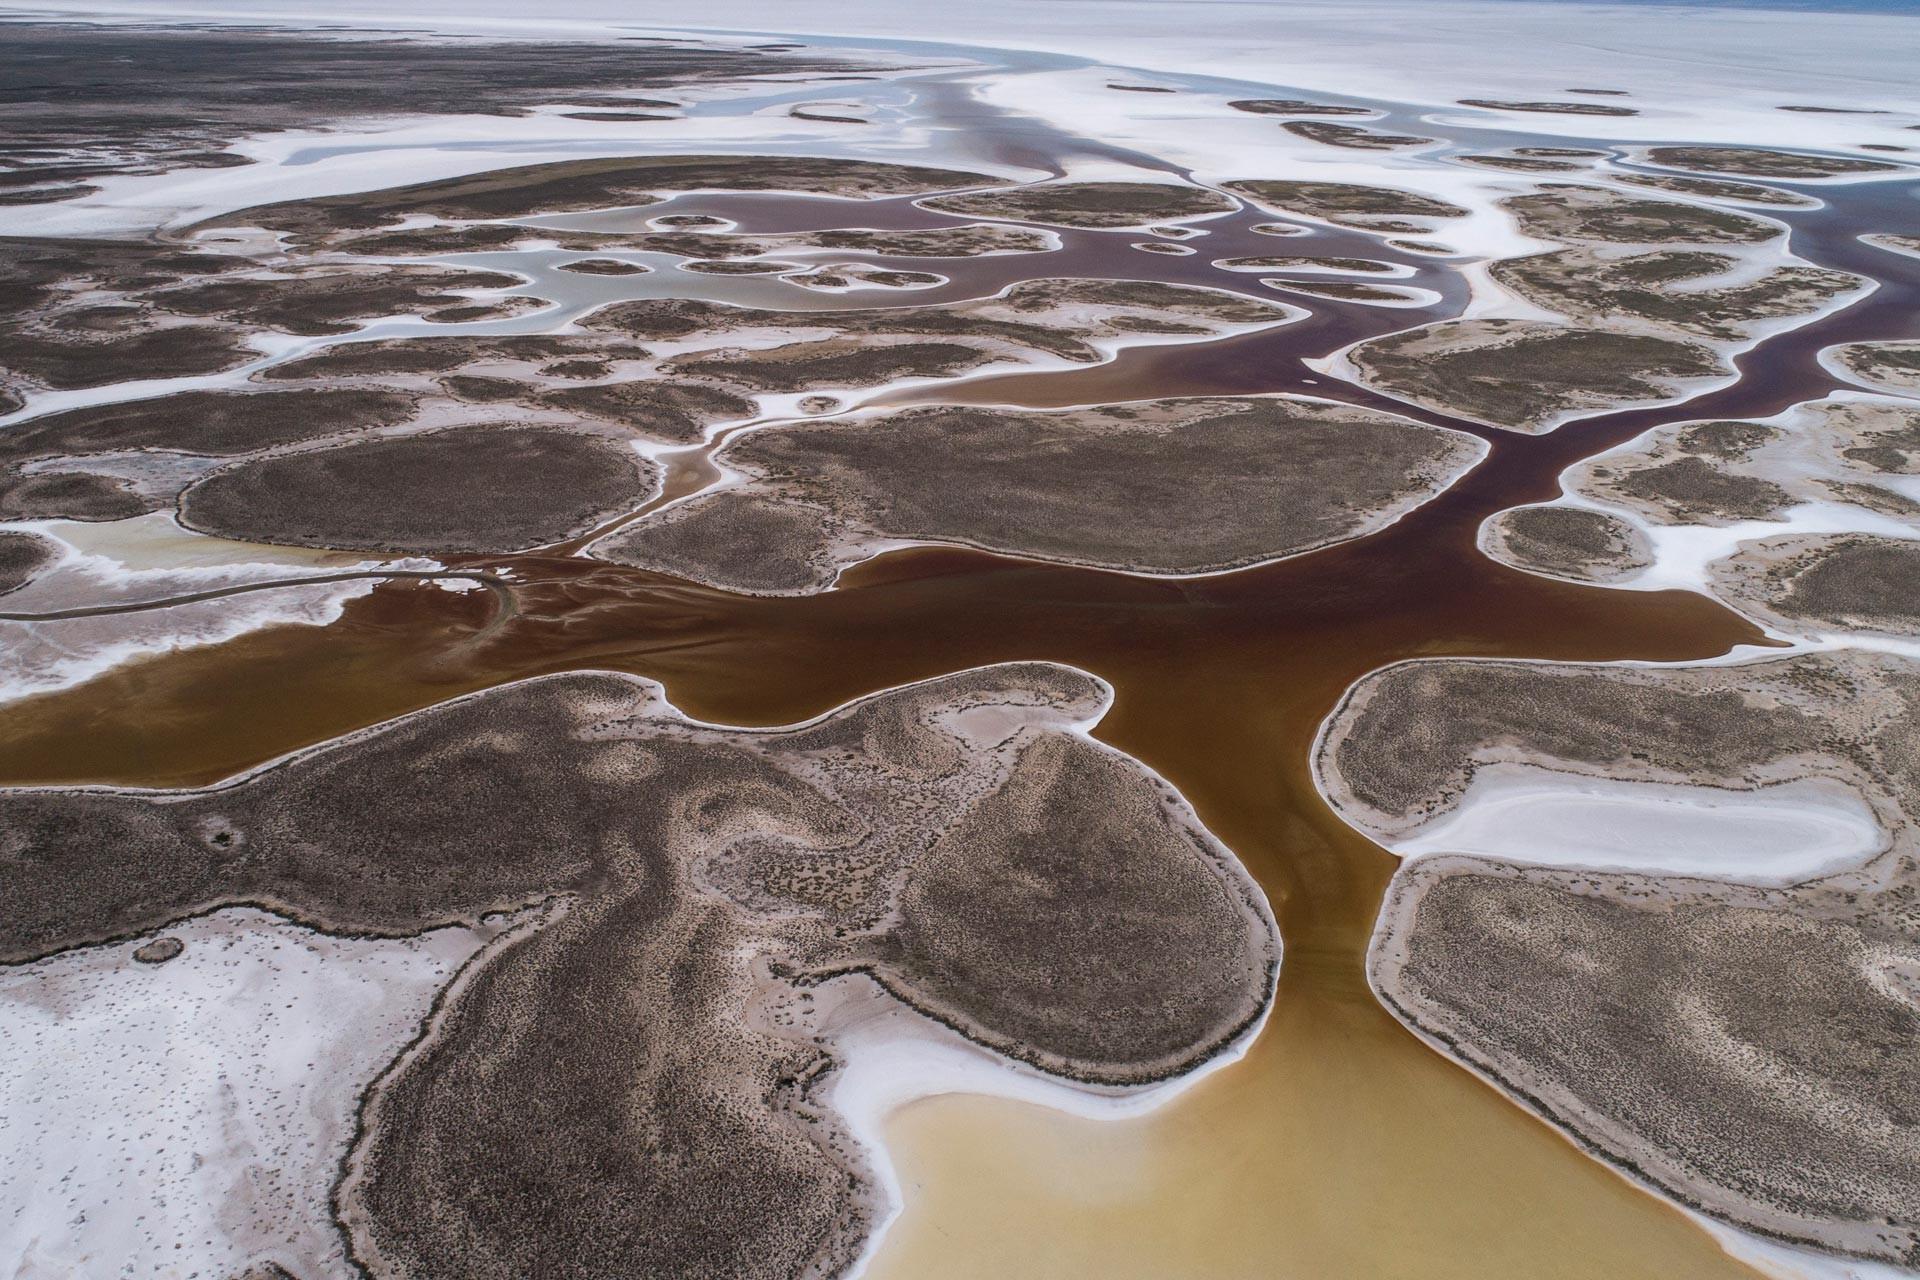 Tuz Gölü giderek küçülüyor, kuruma tehlikesi altında